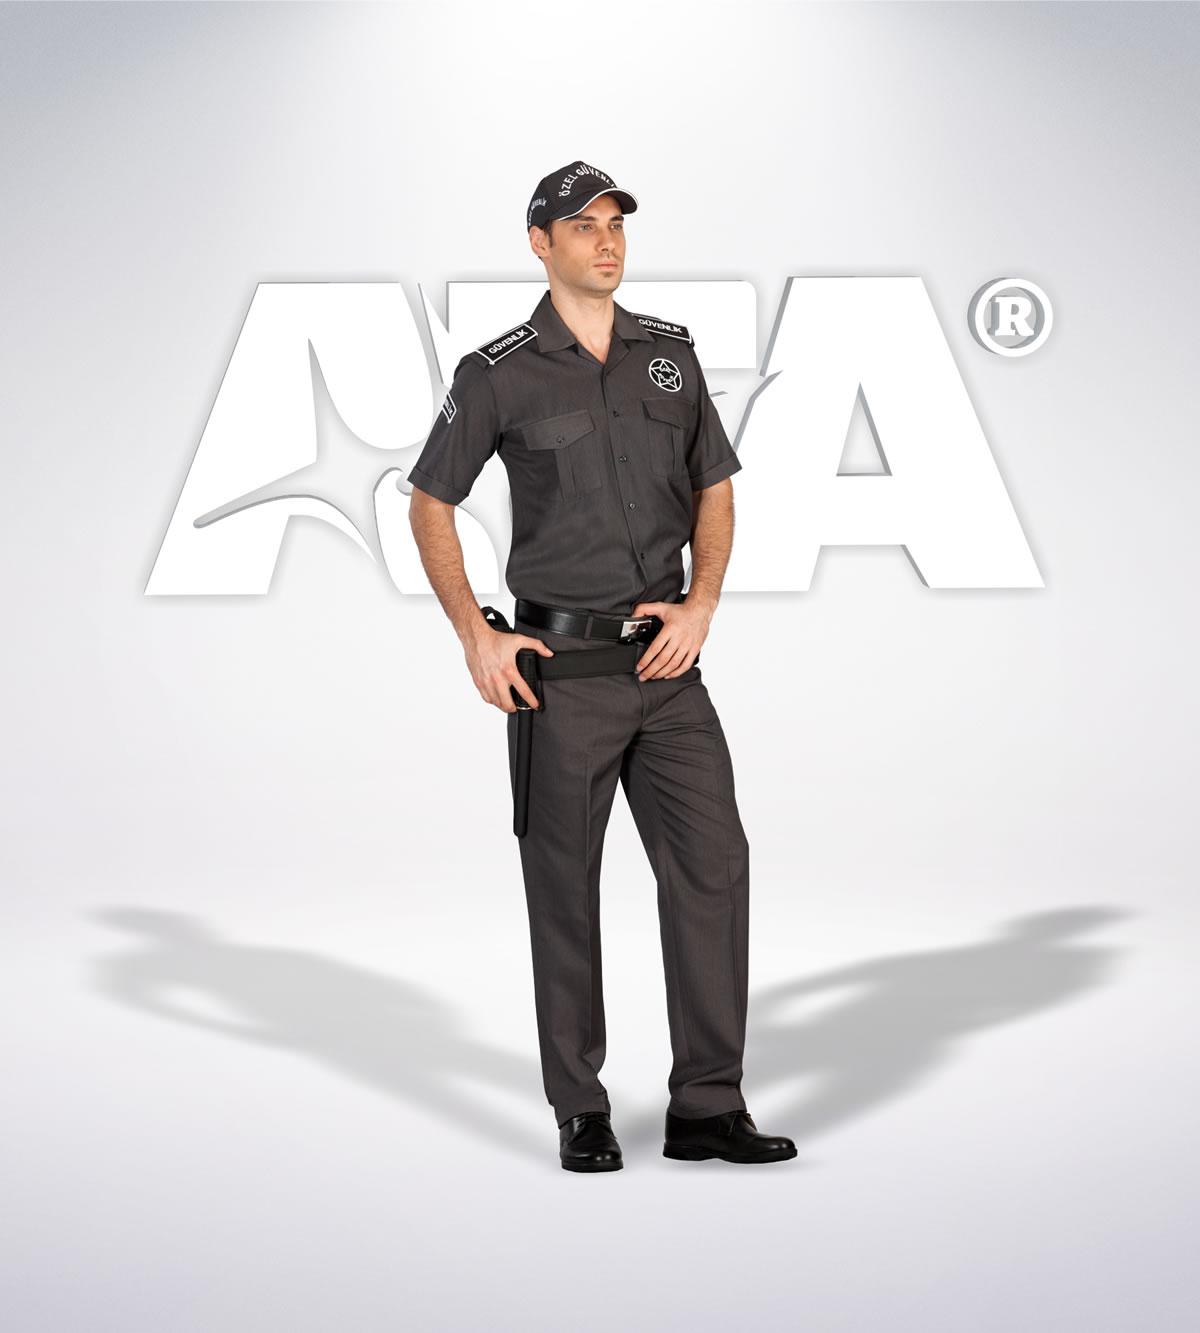 ATA 119 - Pantolon yazlık - gömlek yazlık-kışlık - aksesuar - güvenlik elbiseleri | güvenlik üniformaları | güvenlik kıyafetleri